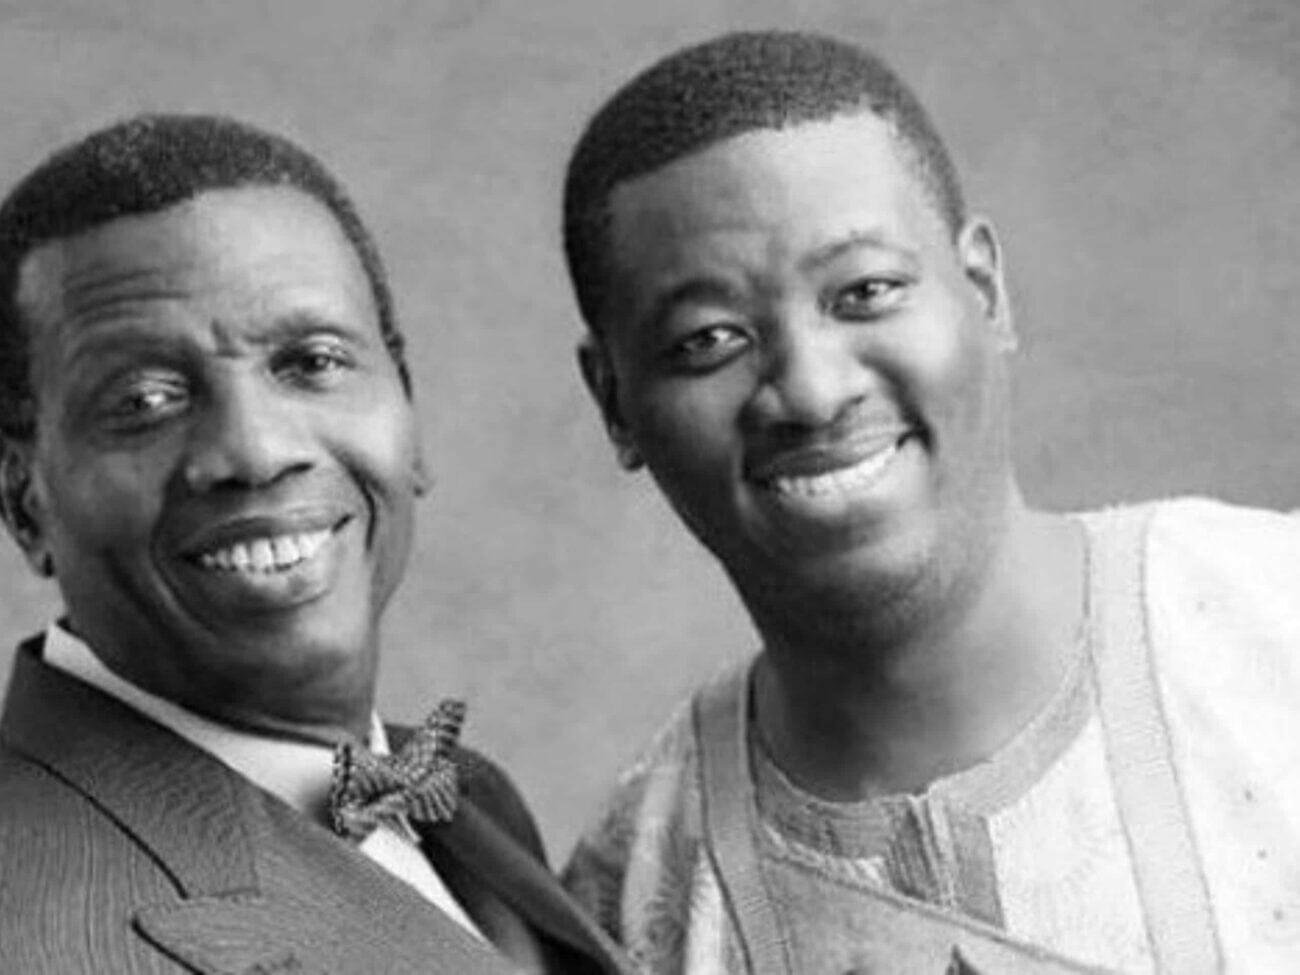 Pastor Adeboye and Leke Adeboye